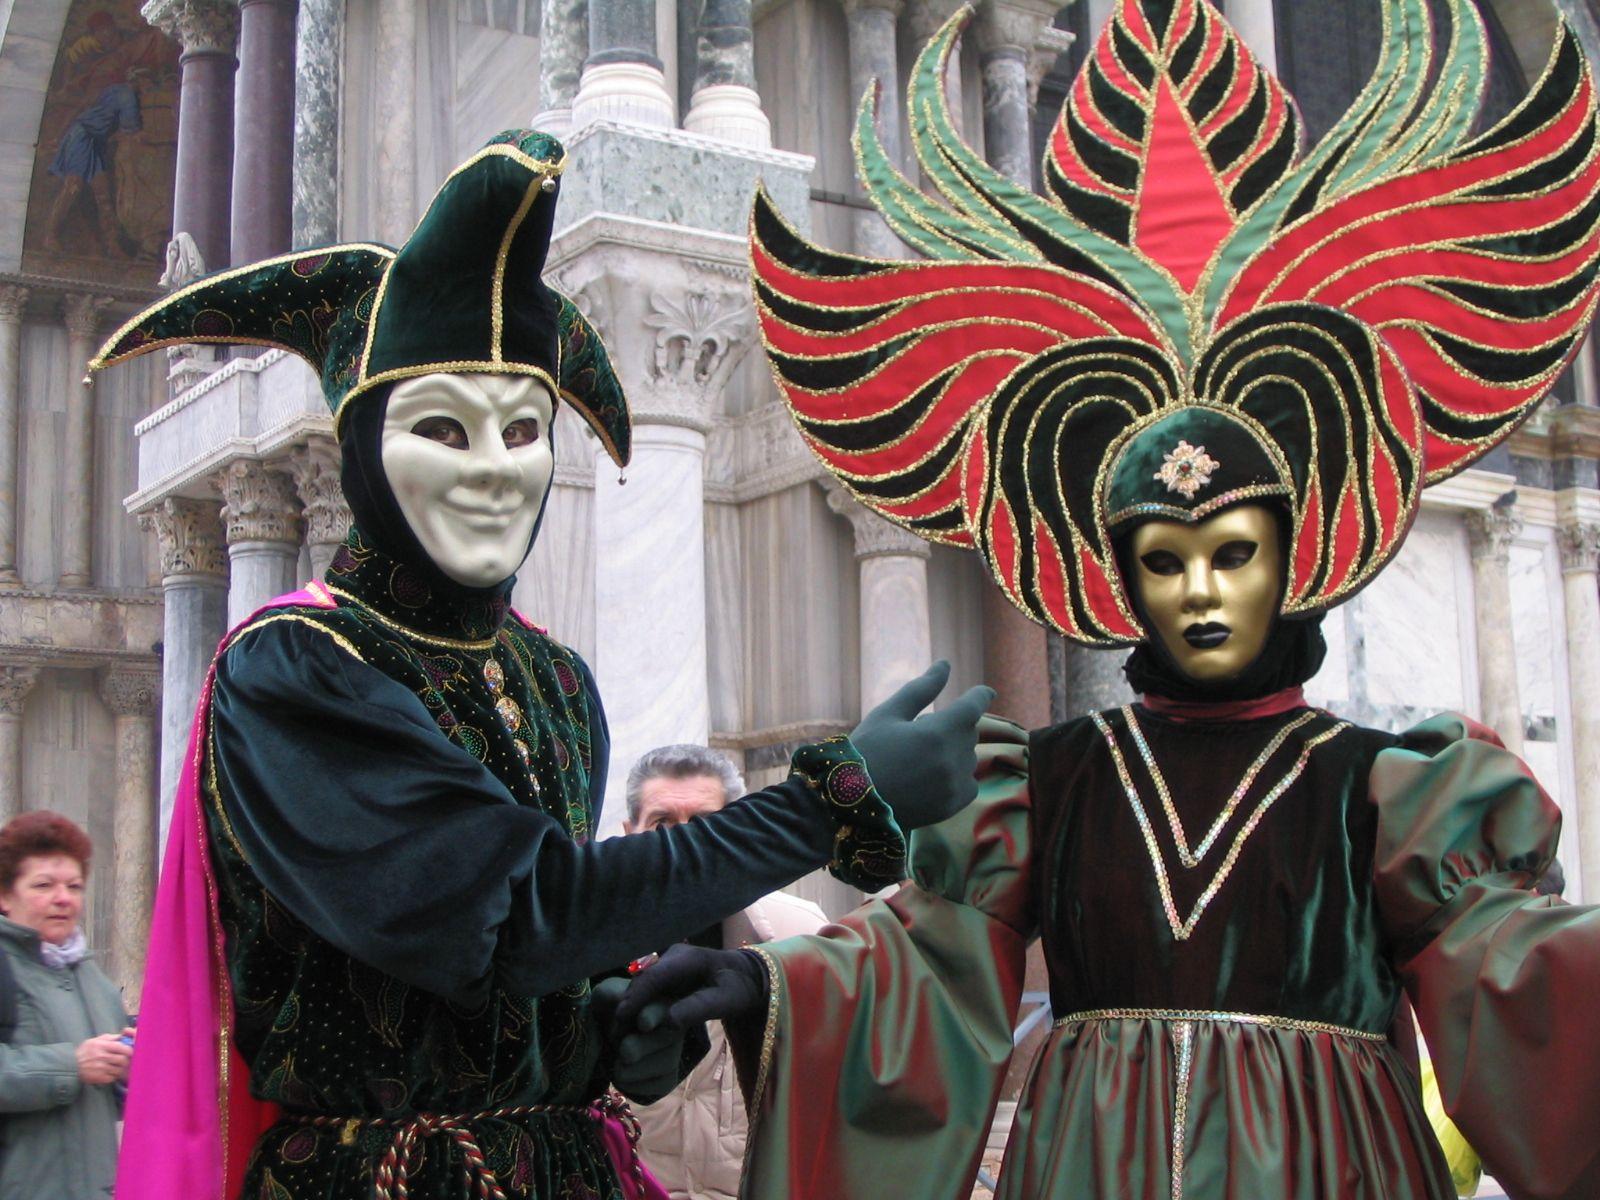 Venezia_carnevale_7